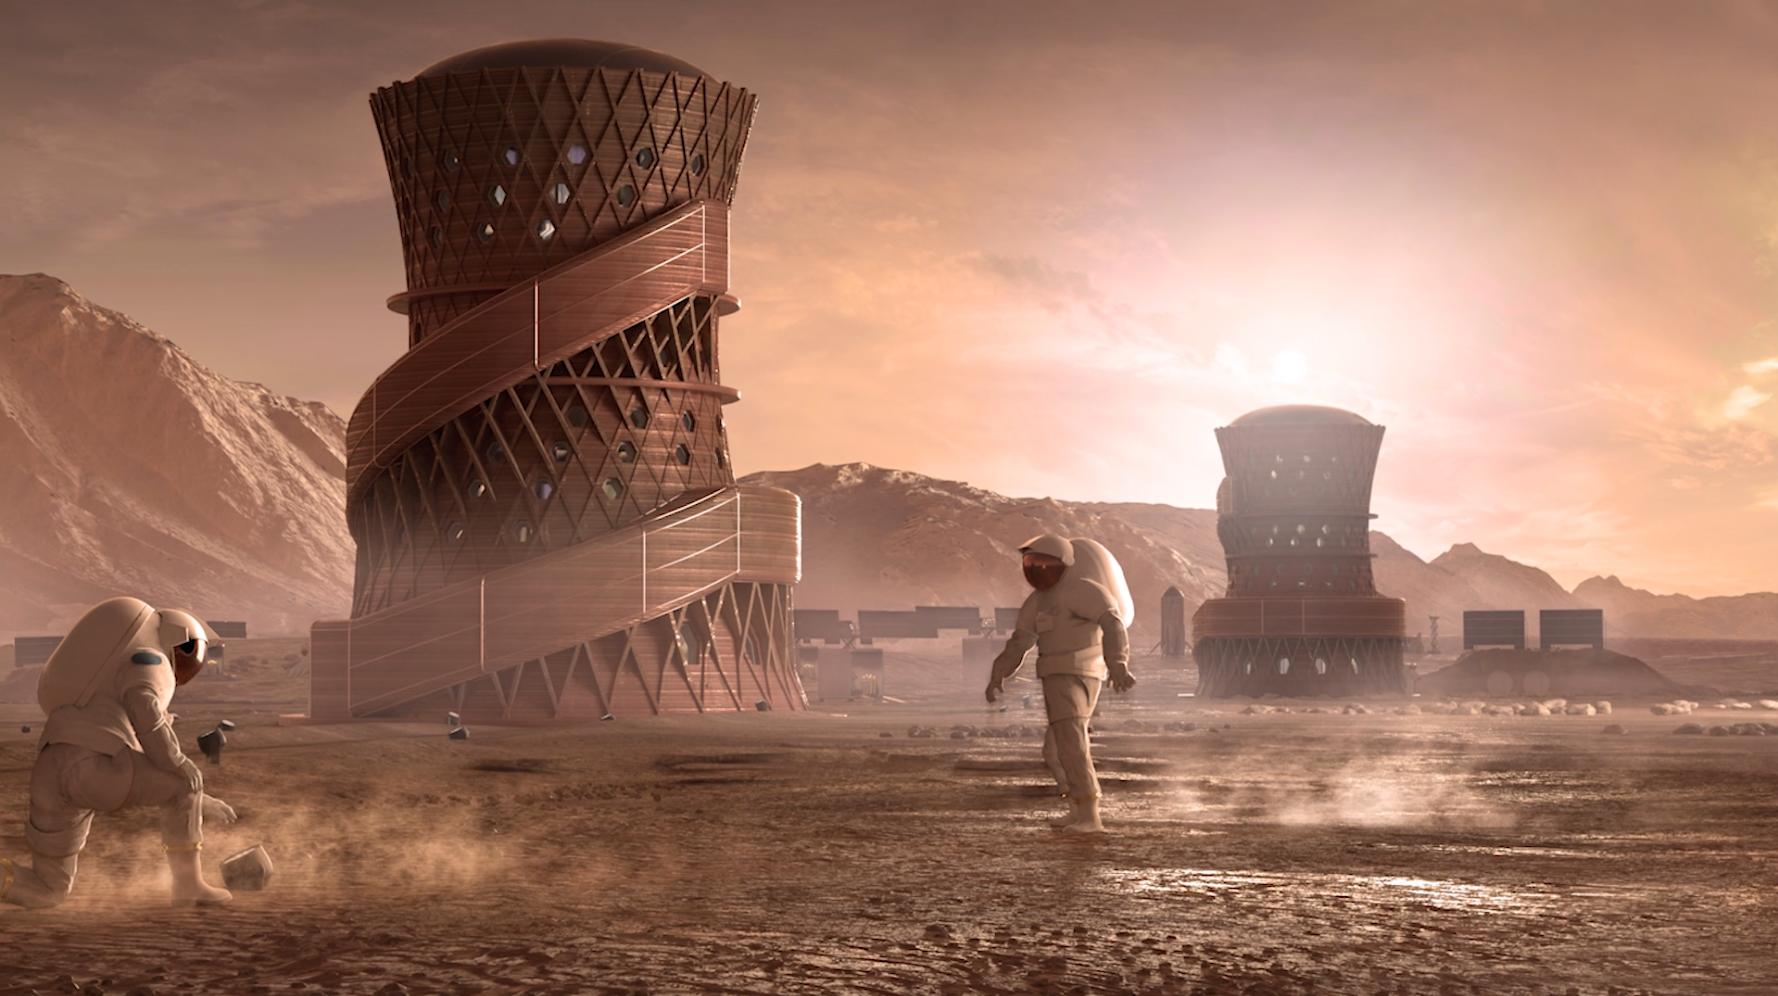 Один из проектов марсианских городов